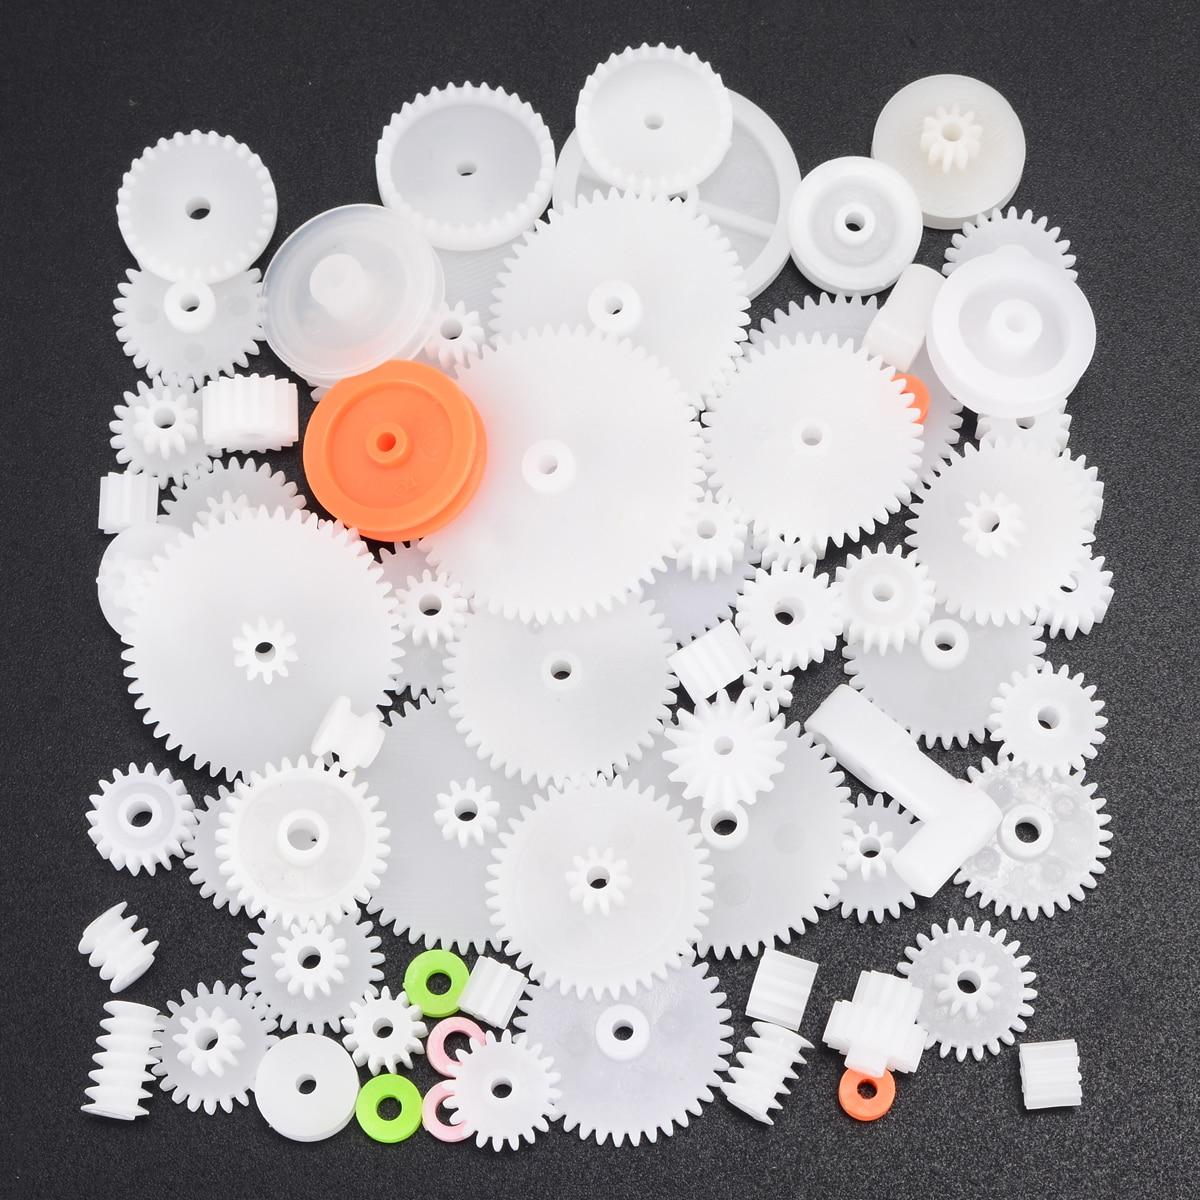 Nuevo Motor de engranajes de plástico de 64 tipos, eje de plástico de una sola capa, engranajes helicoidales de corona M0.5 para Robot, Kit de herramientas de surtido DIY